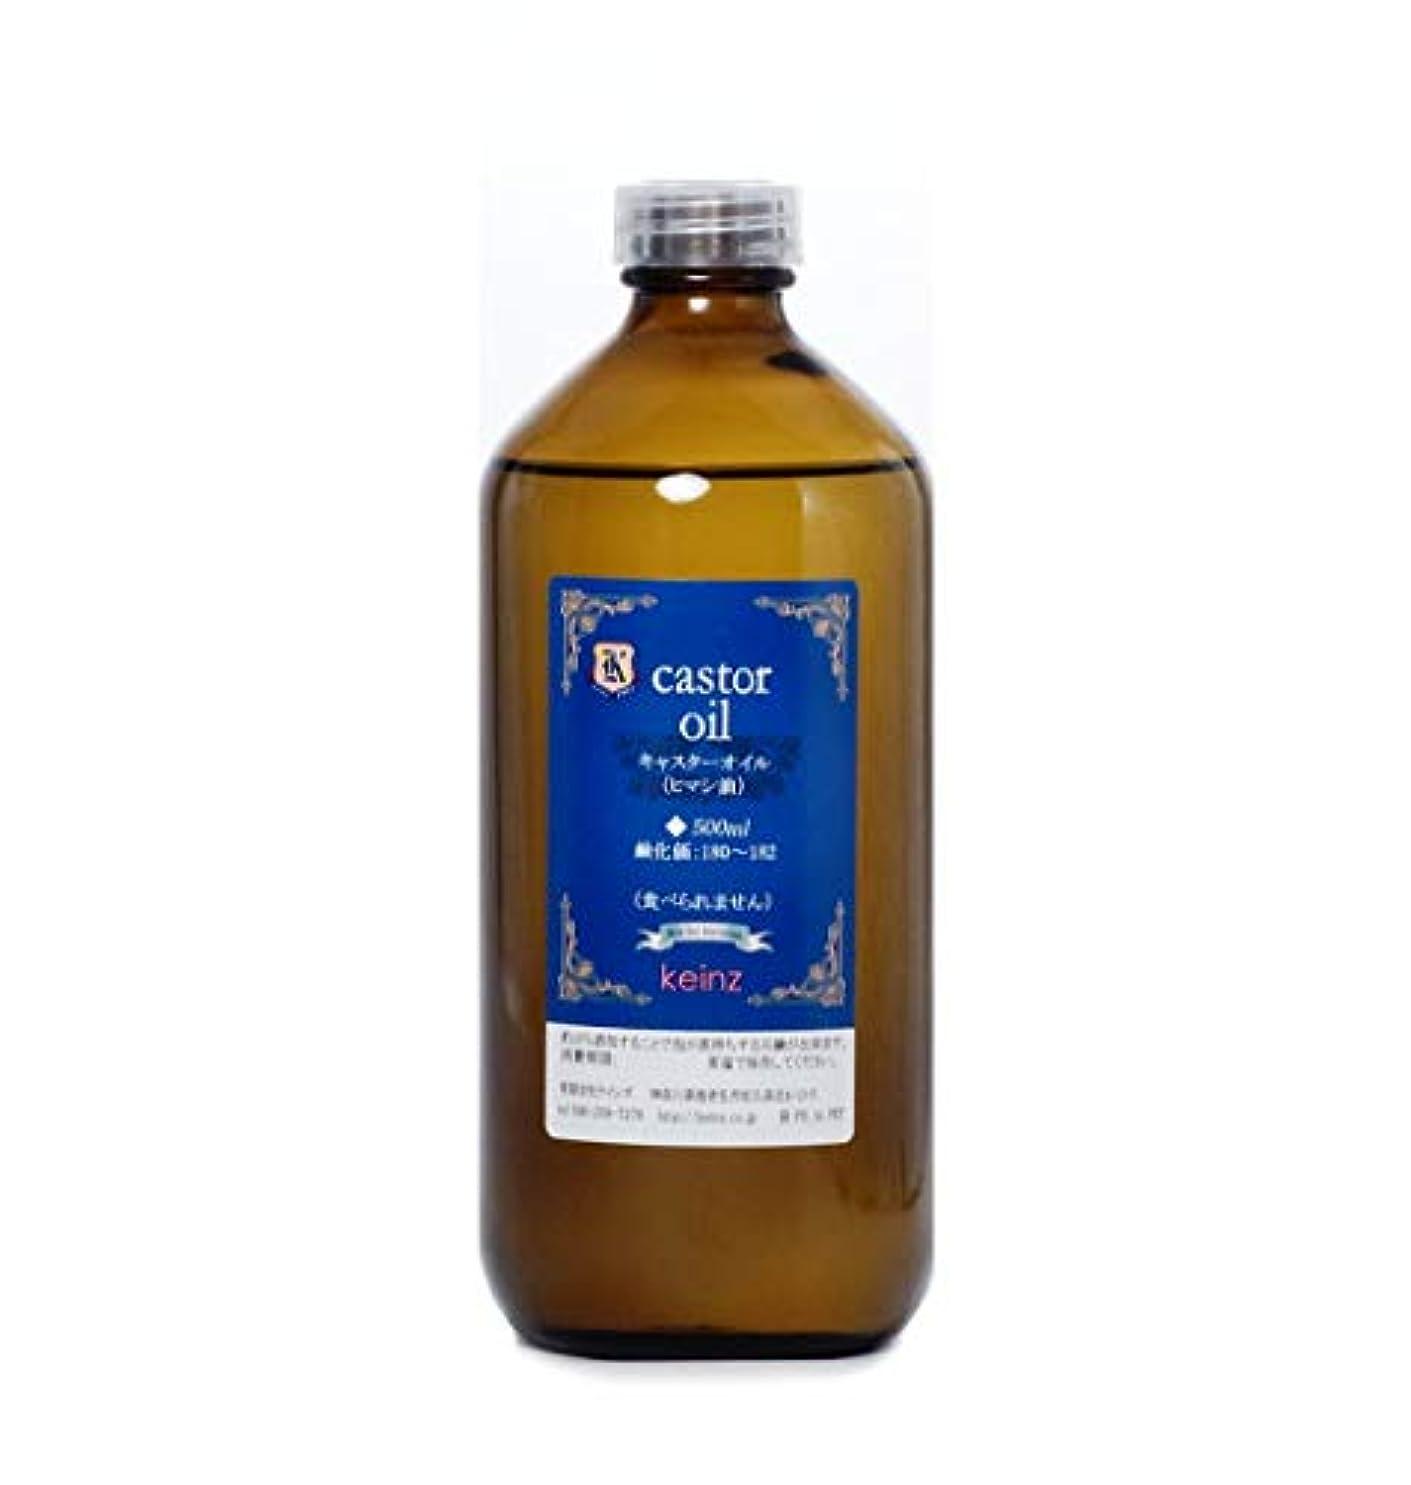 言い聞かせるエクステント初期のkeinz 良質 天然キャスターオイル(ヒマシ油) 500ml